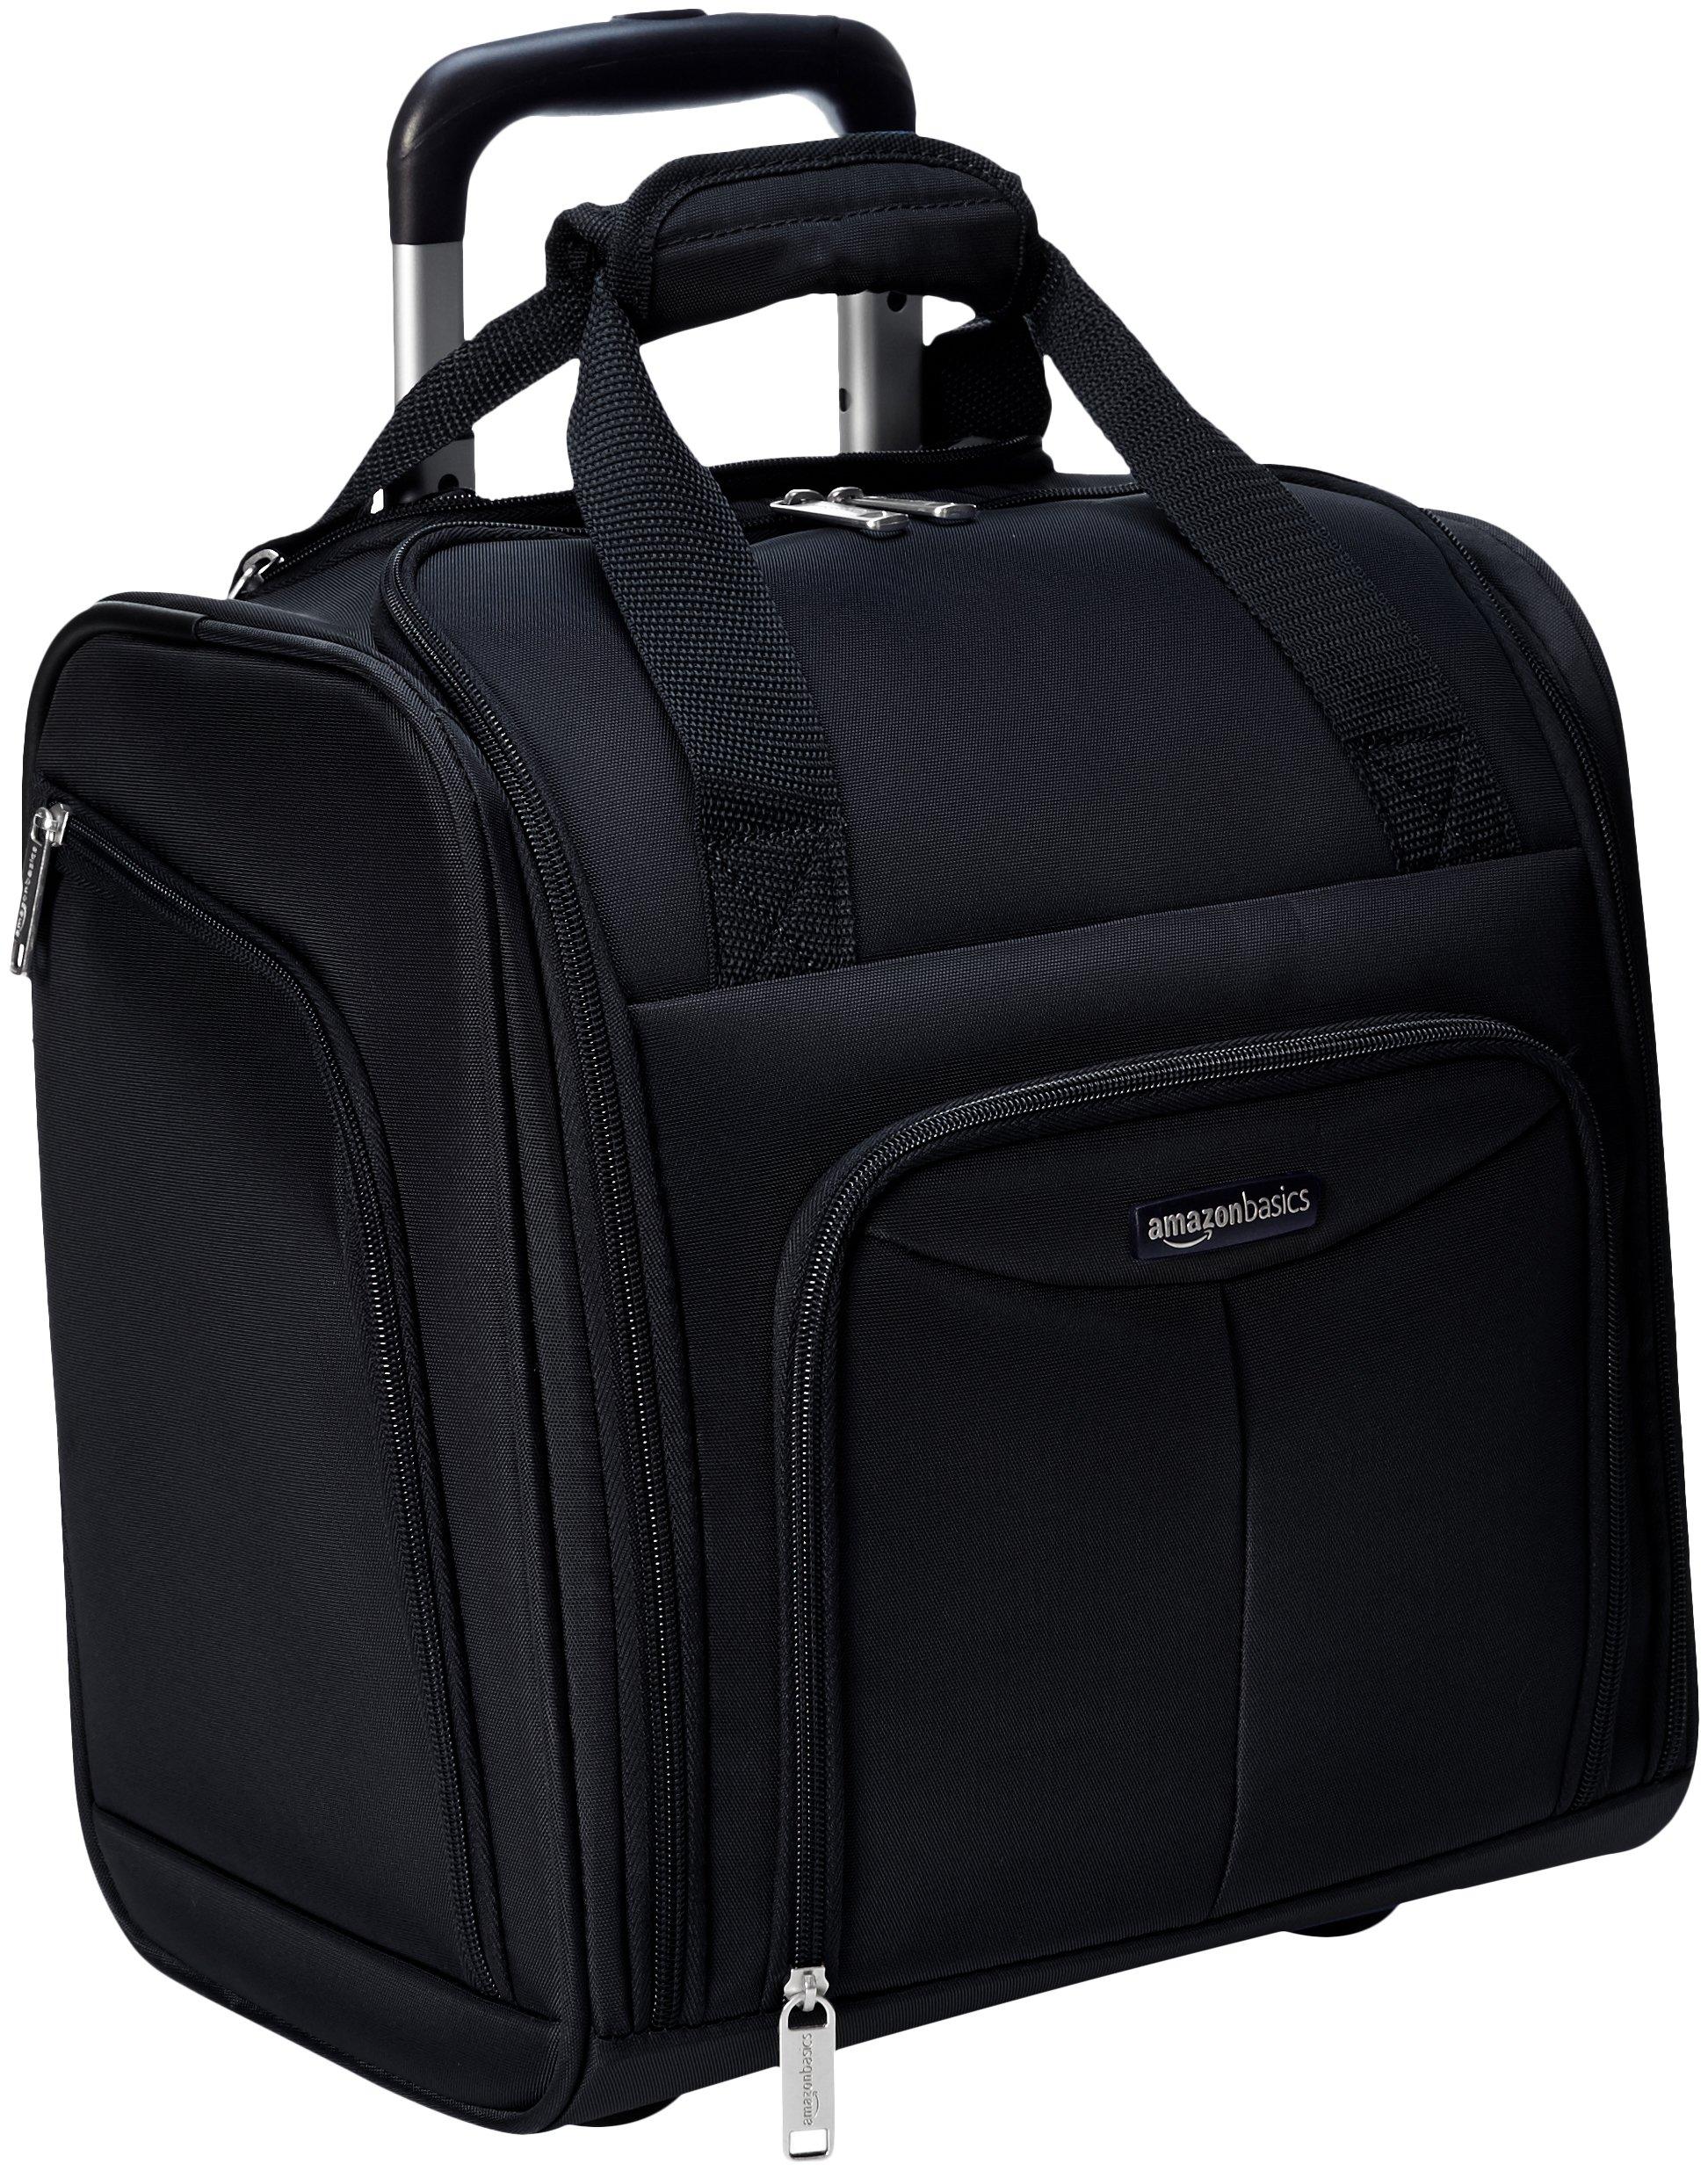 AmazonBasics Amazon161214 Underseat Luggage Black